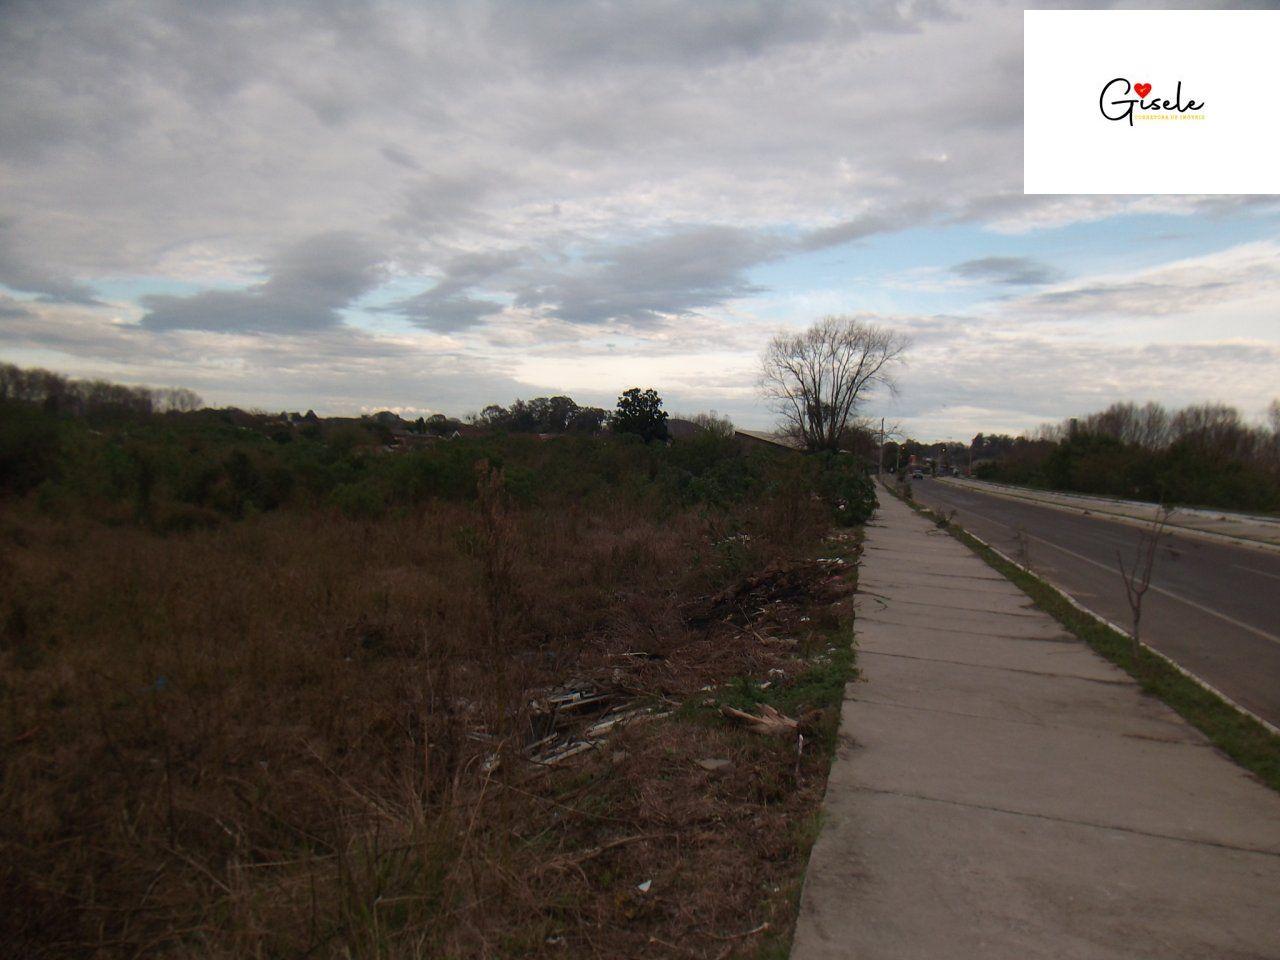 Terreno/Lote à venda, 29.516 m² por R$ 4.772.500,00